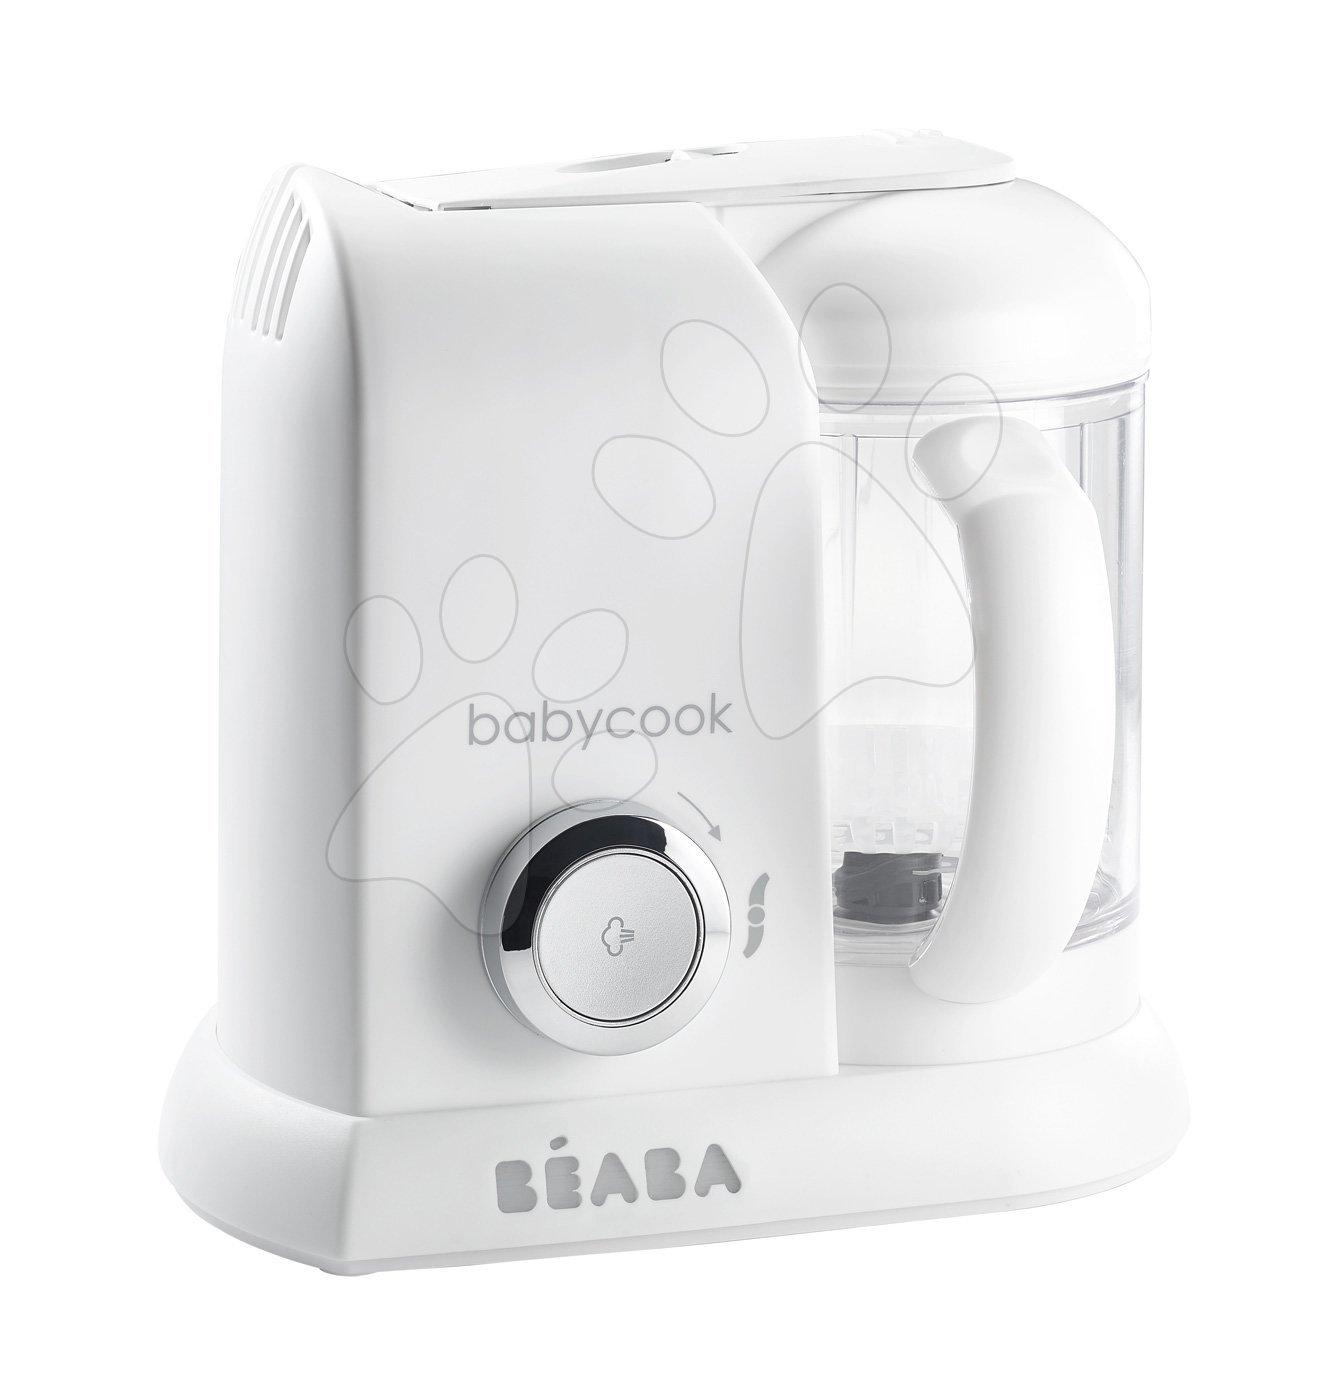 Beaba parný varič a mixér Babycook® Solo 912675 bielo-strieborný